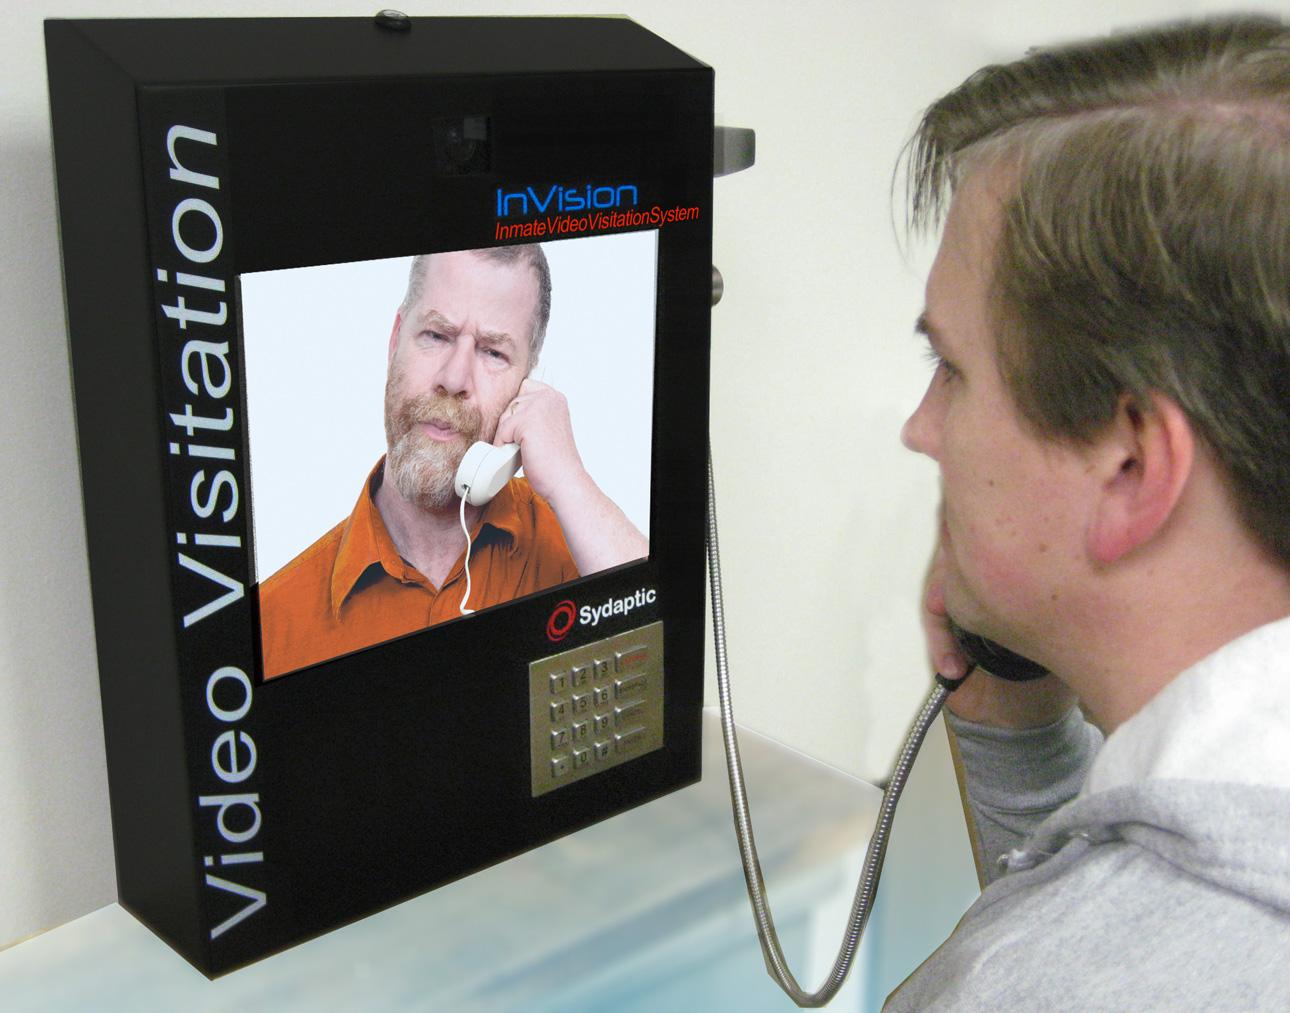 Video Visitation